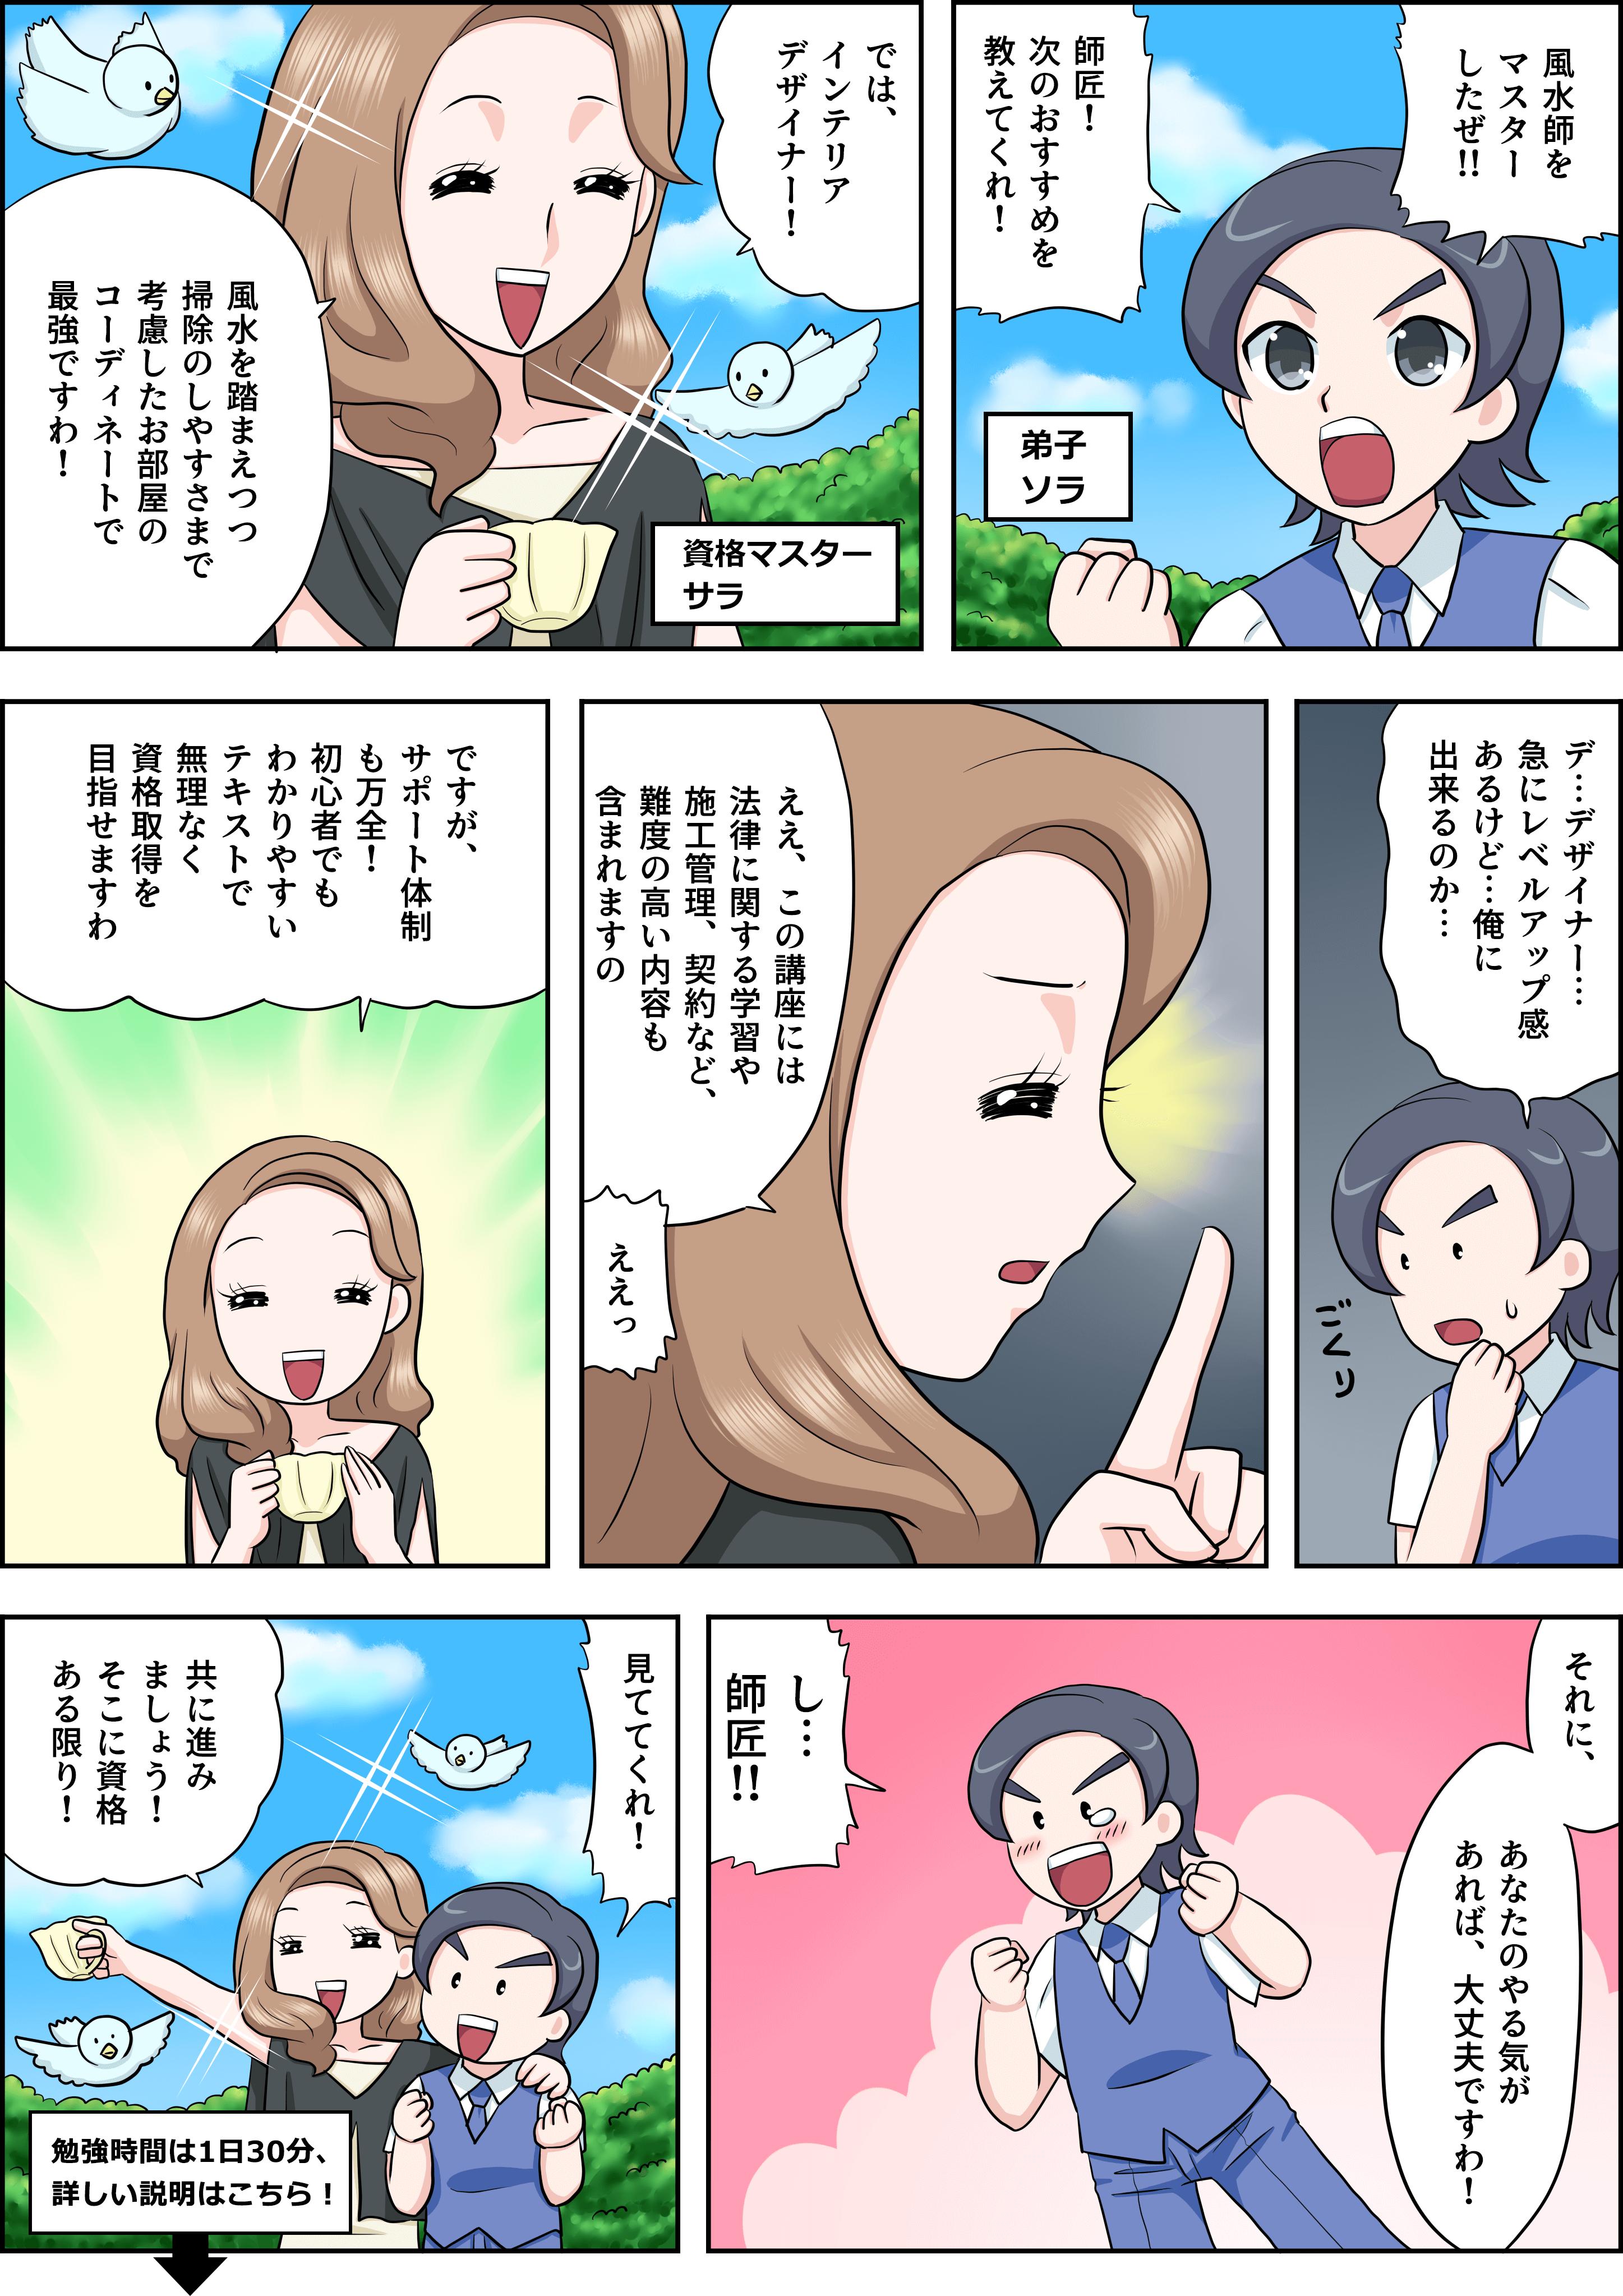 インテリアデザイナーの漫画